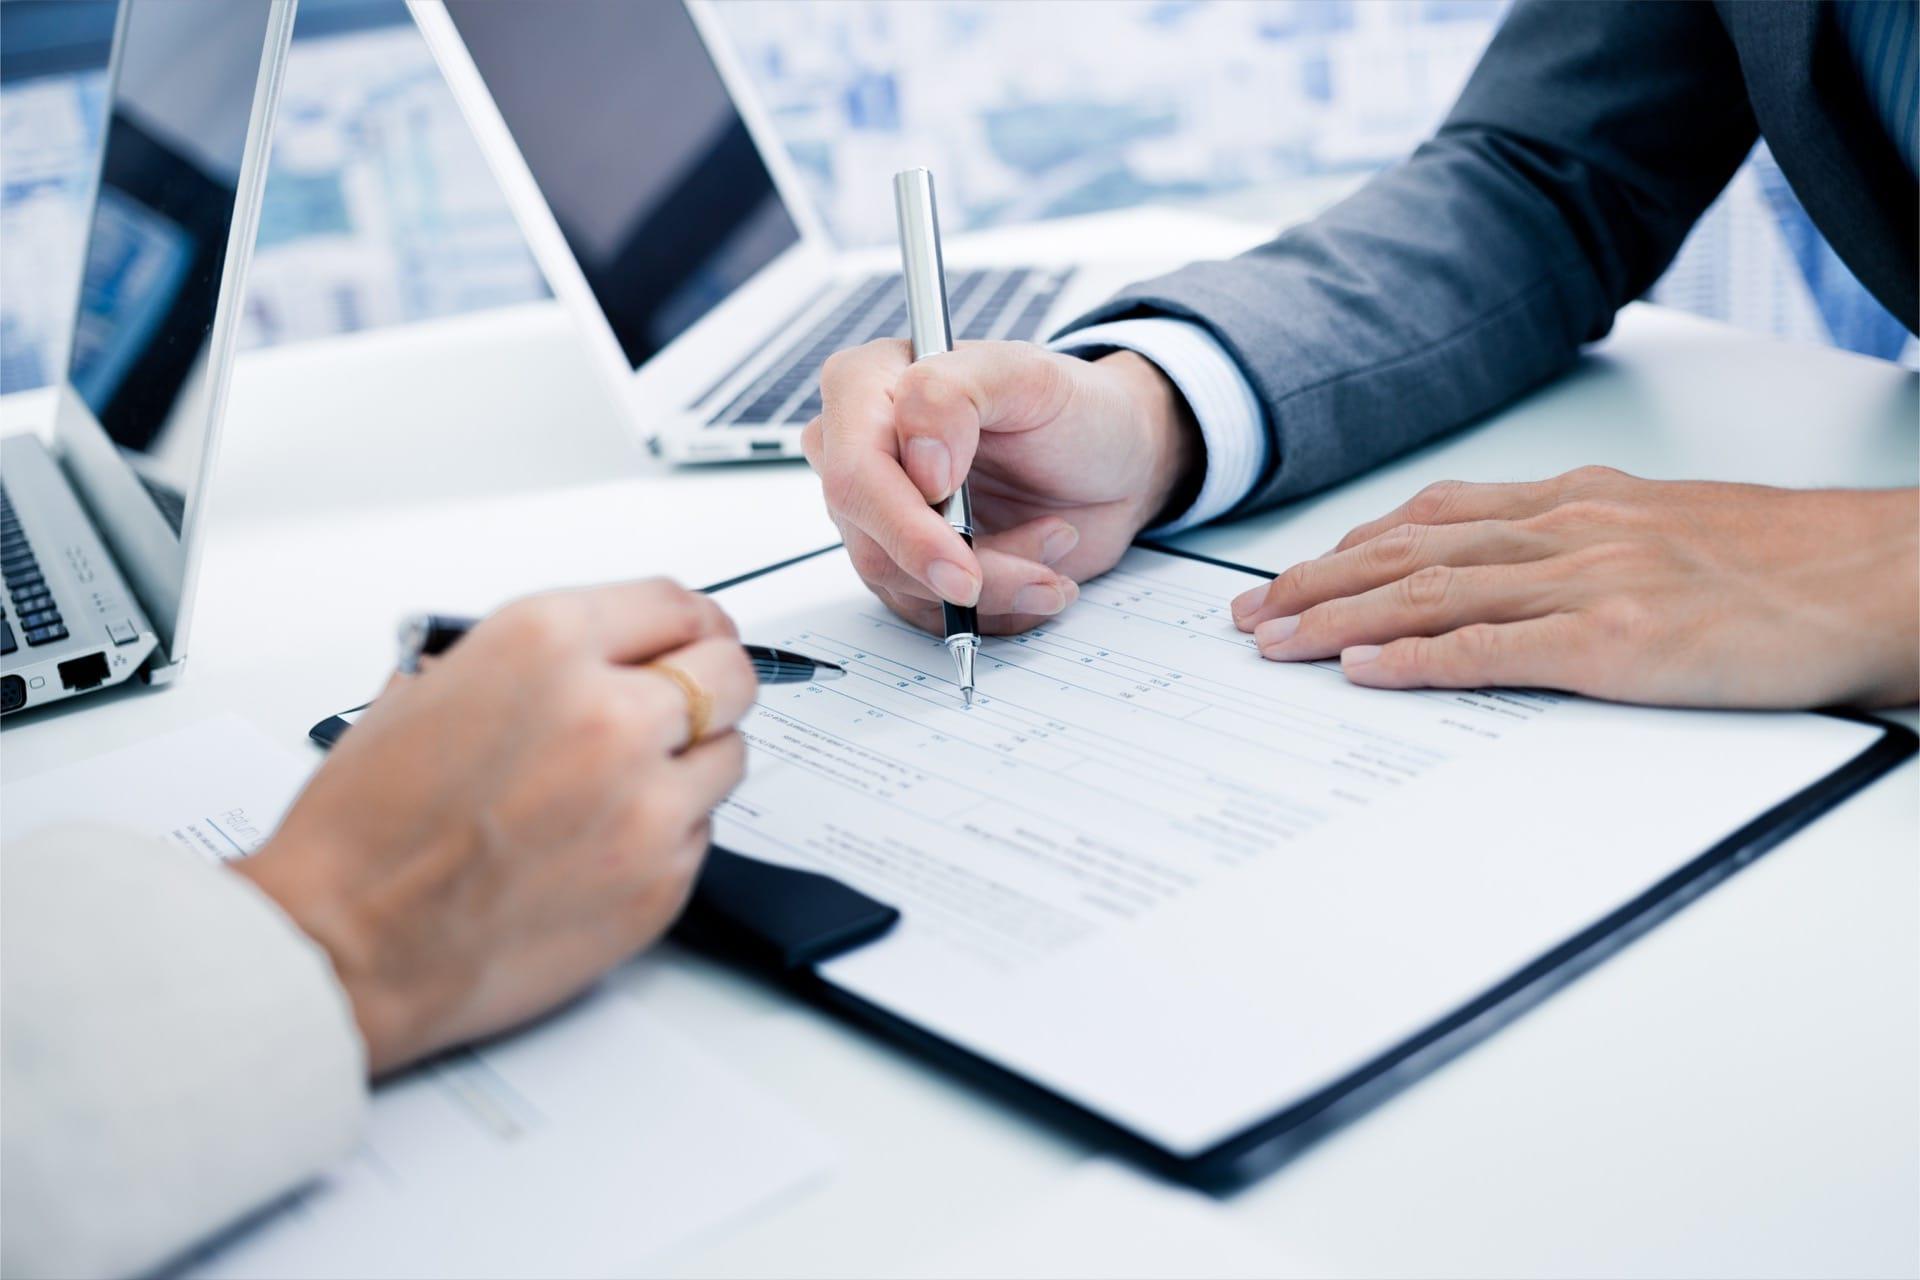 Le Conseil d'Etat confirme que le nom de domaine constitue un élément incorporel de l'actif immobilisé de l'entreprise